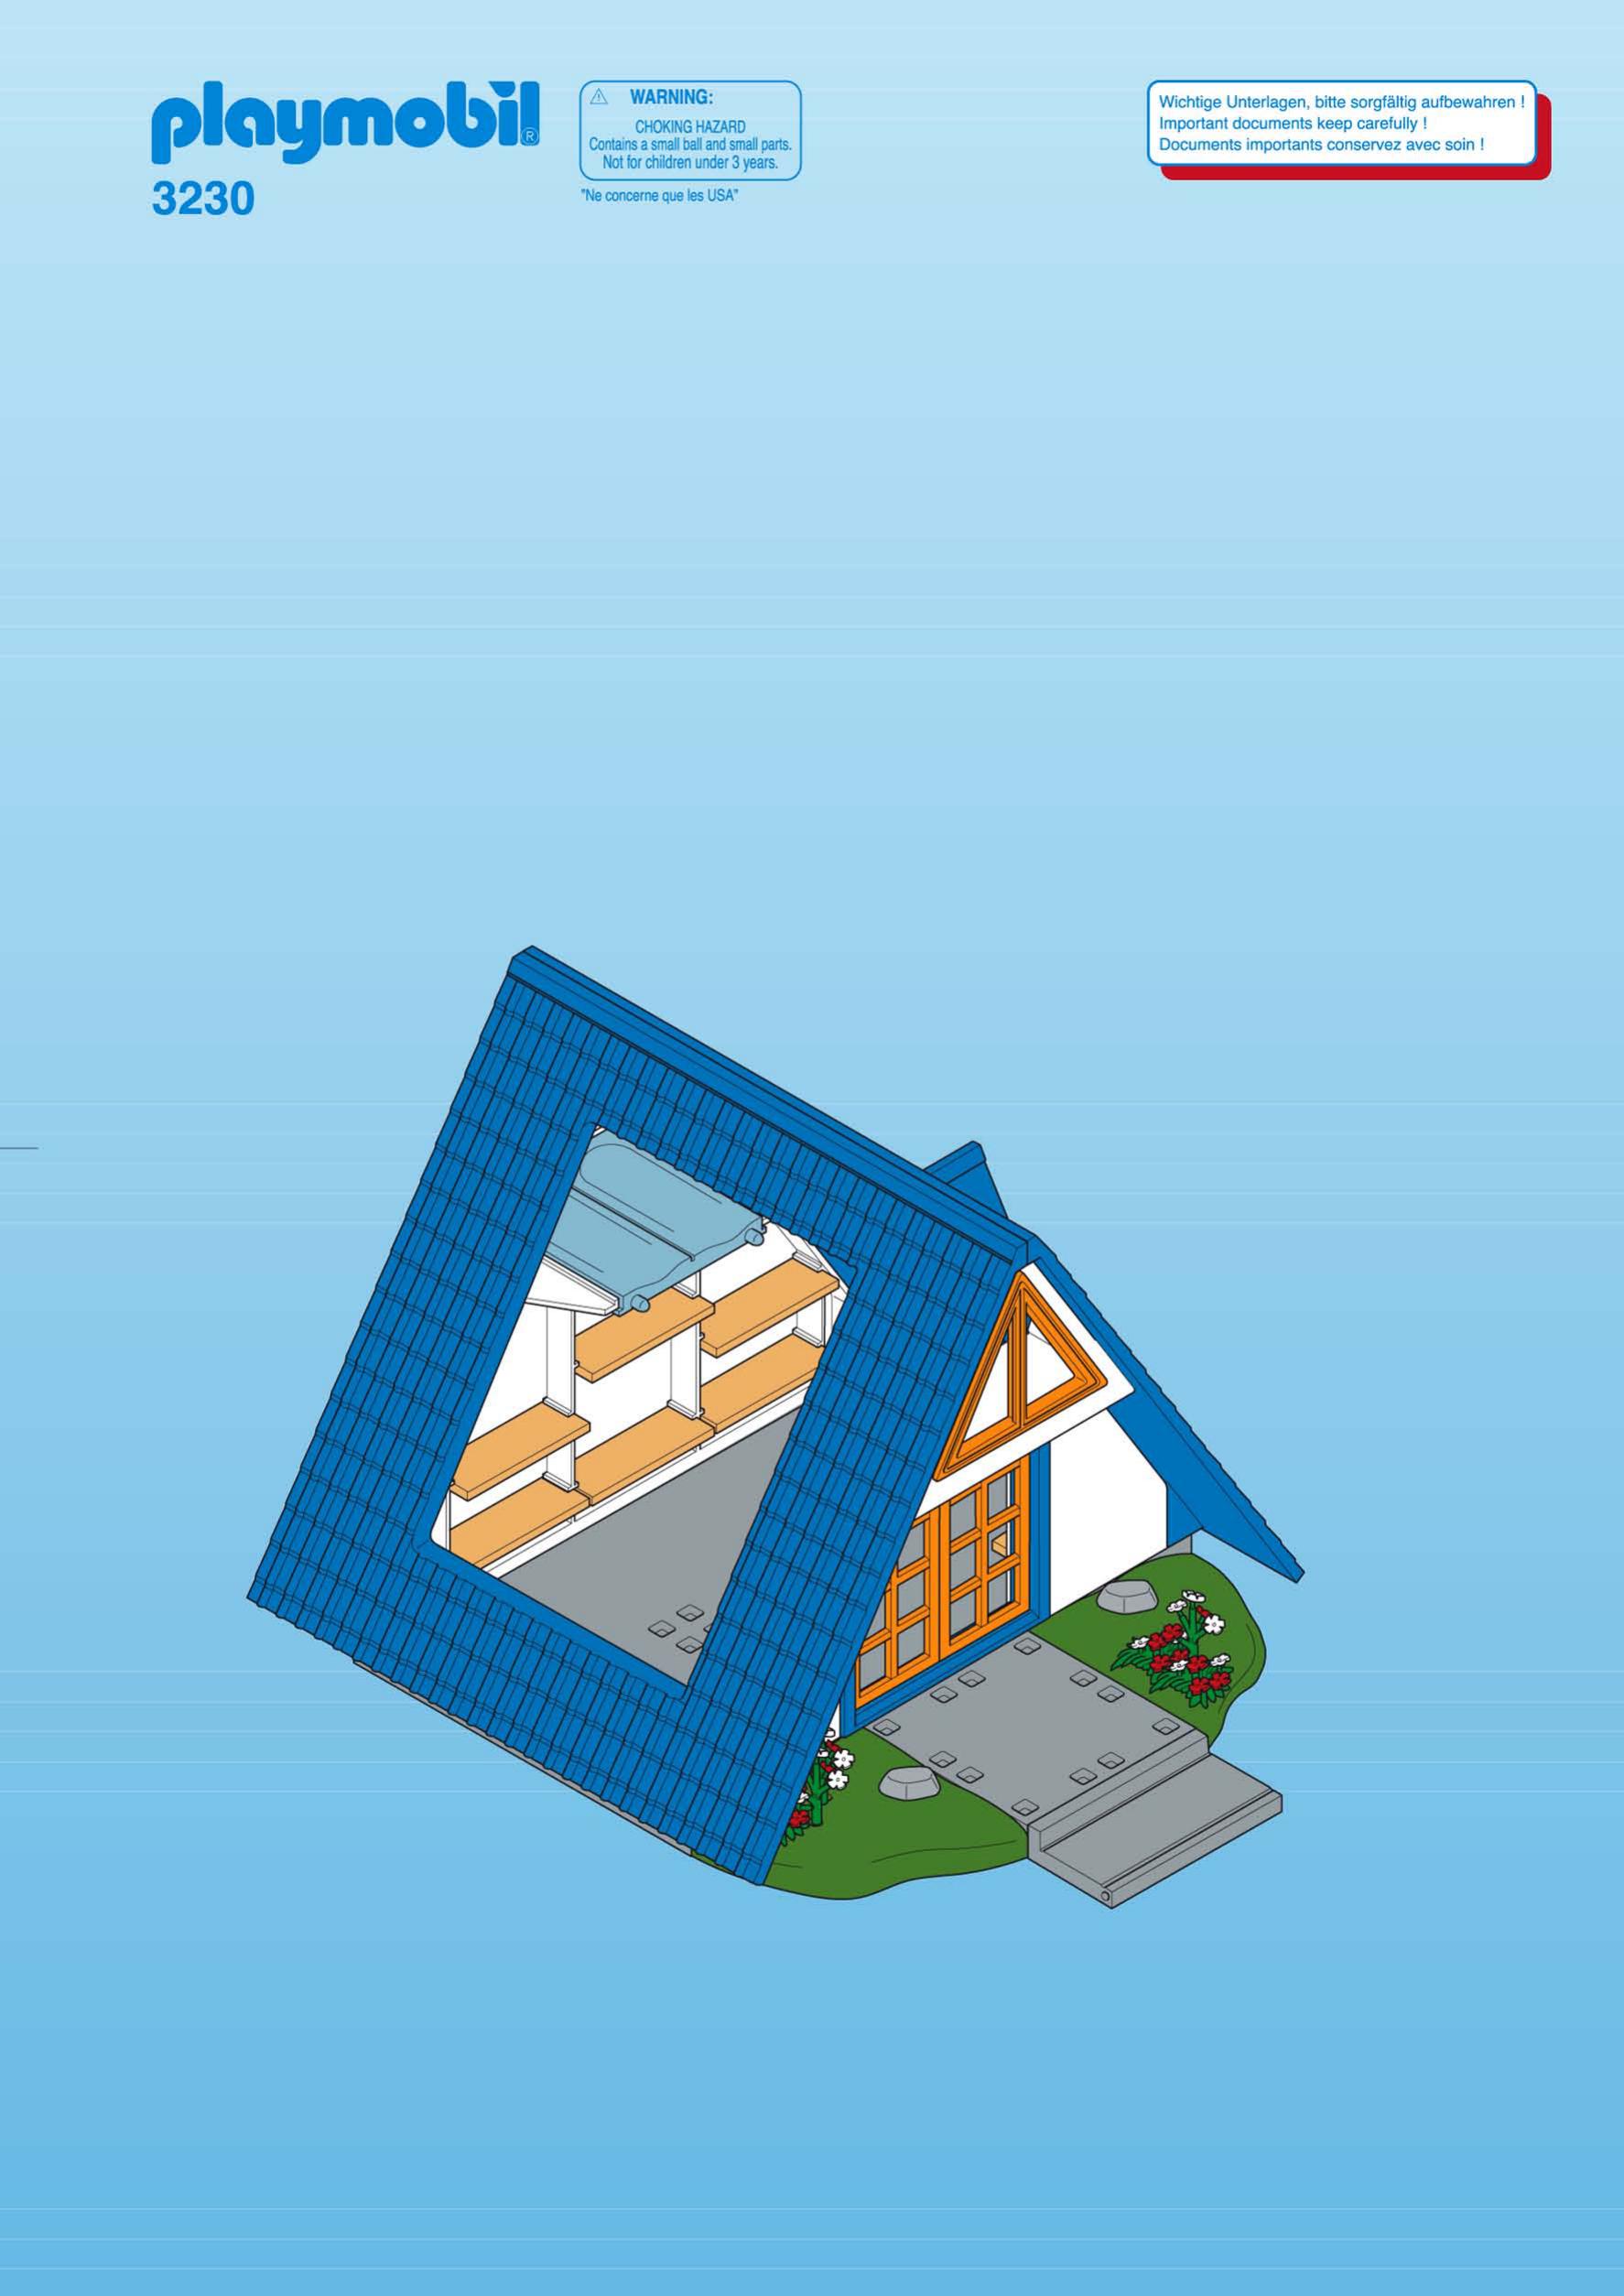 Plan de la maison de campagne playmobil - Idées de travaux